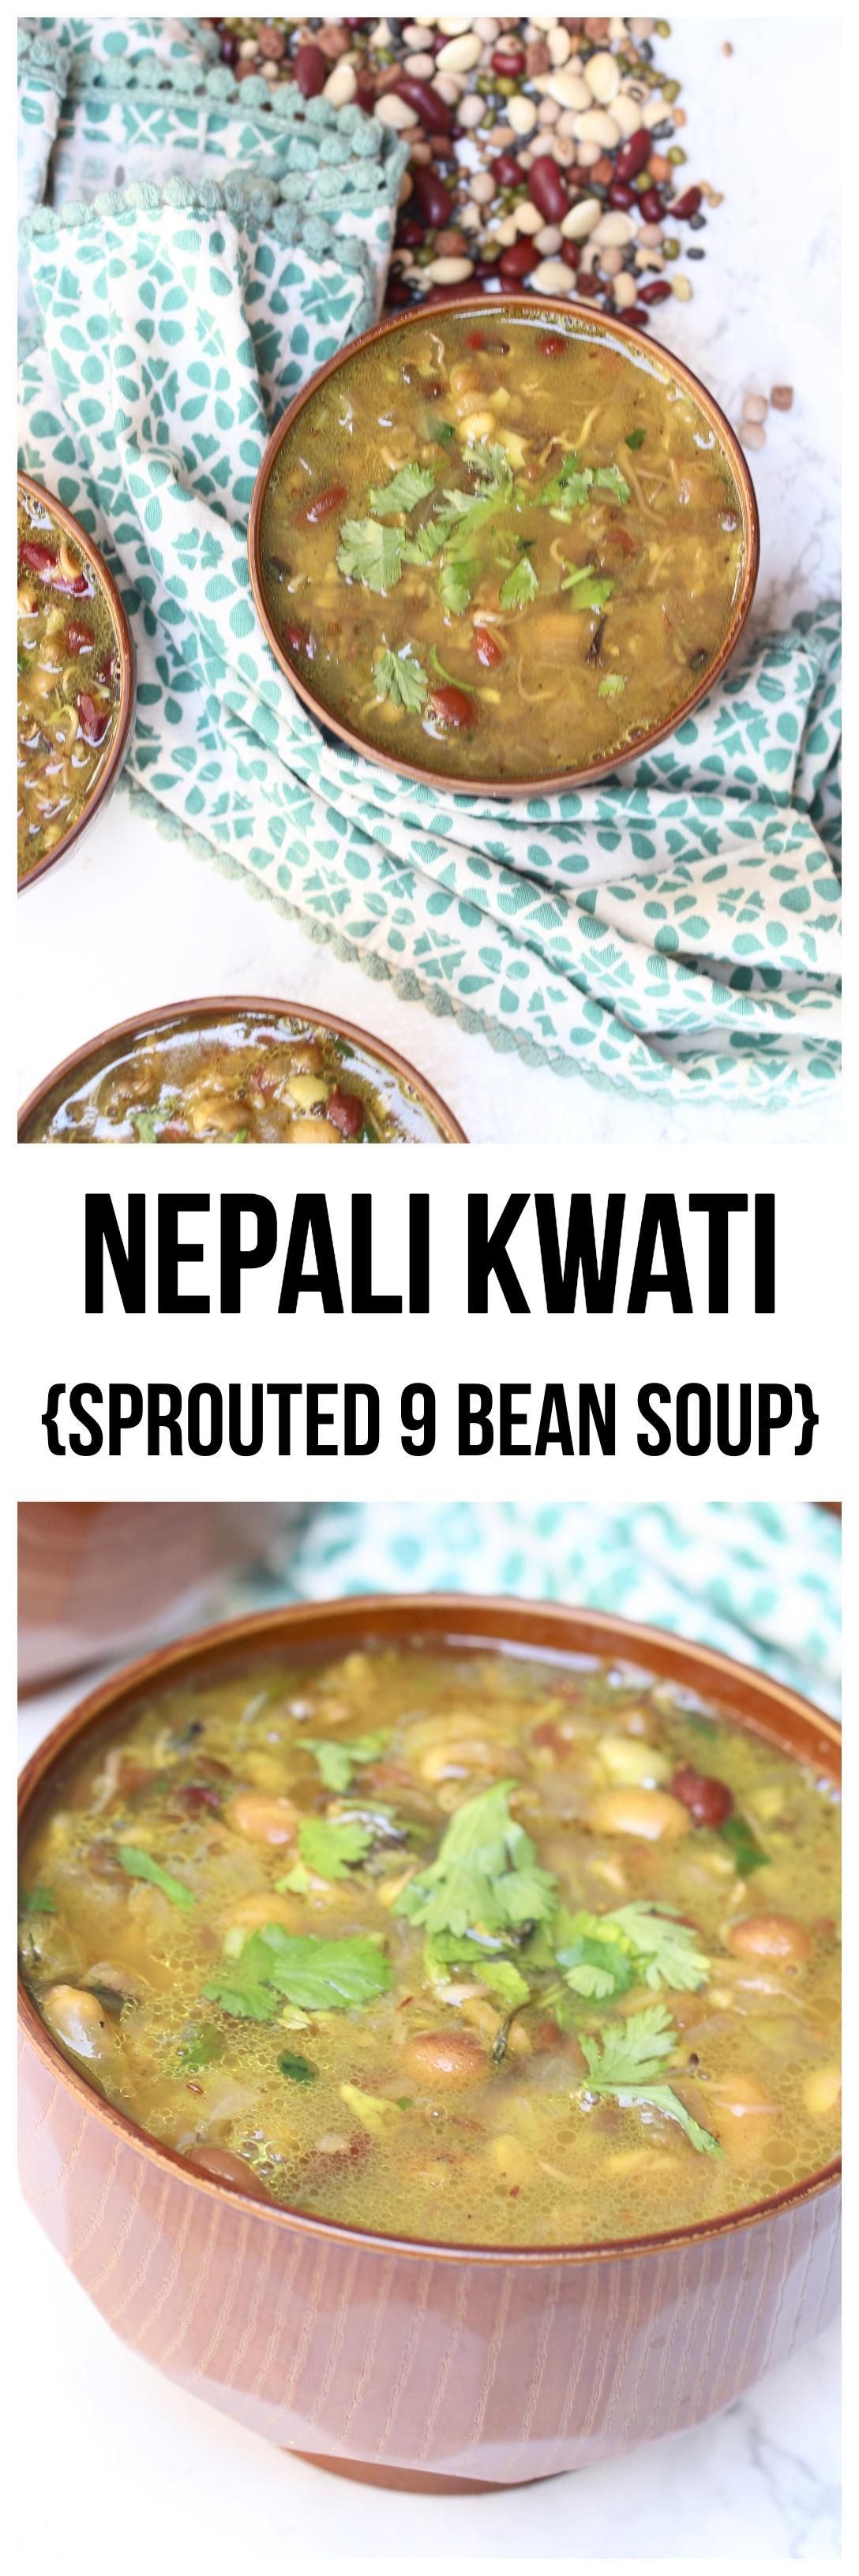 Nepali Kwati Sprouted 9 Bean Soup.jpg